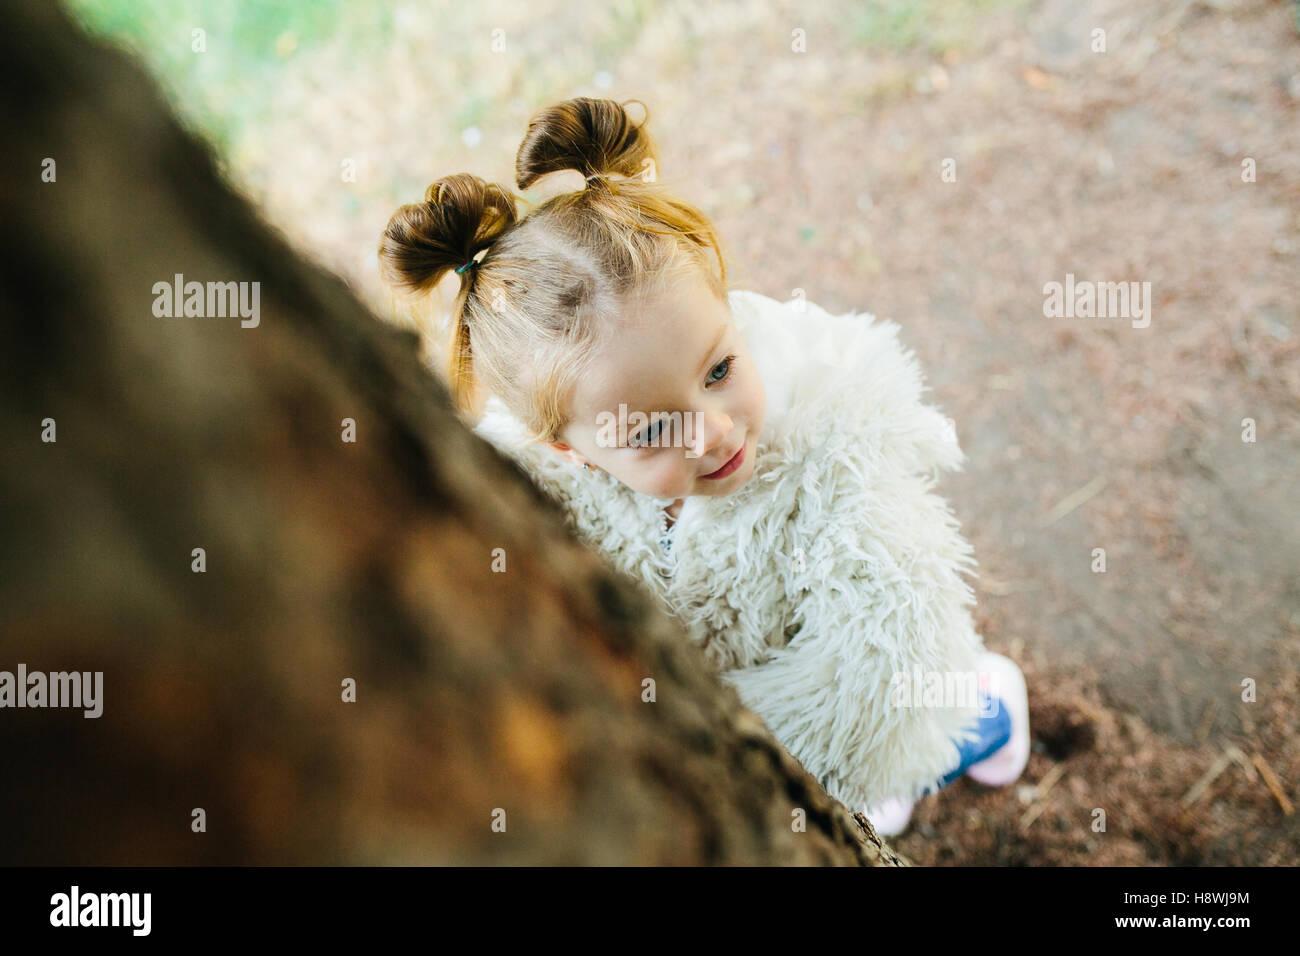 Cute Little Girl es jugar al aire libre Imagen De Stock